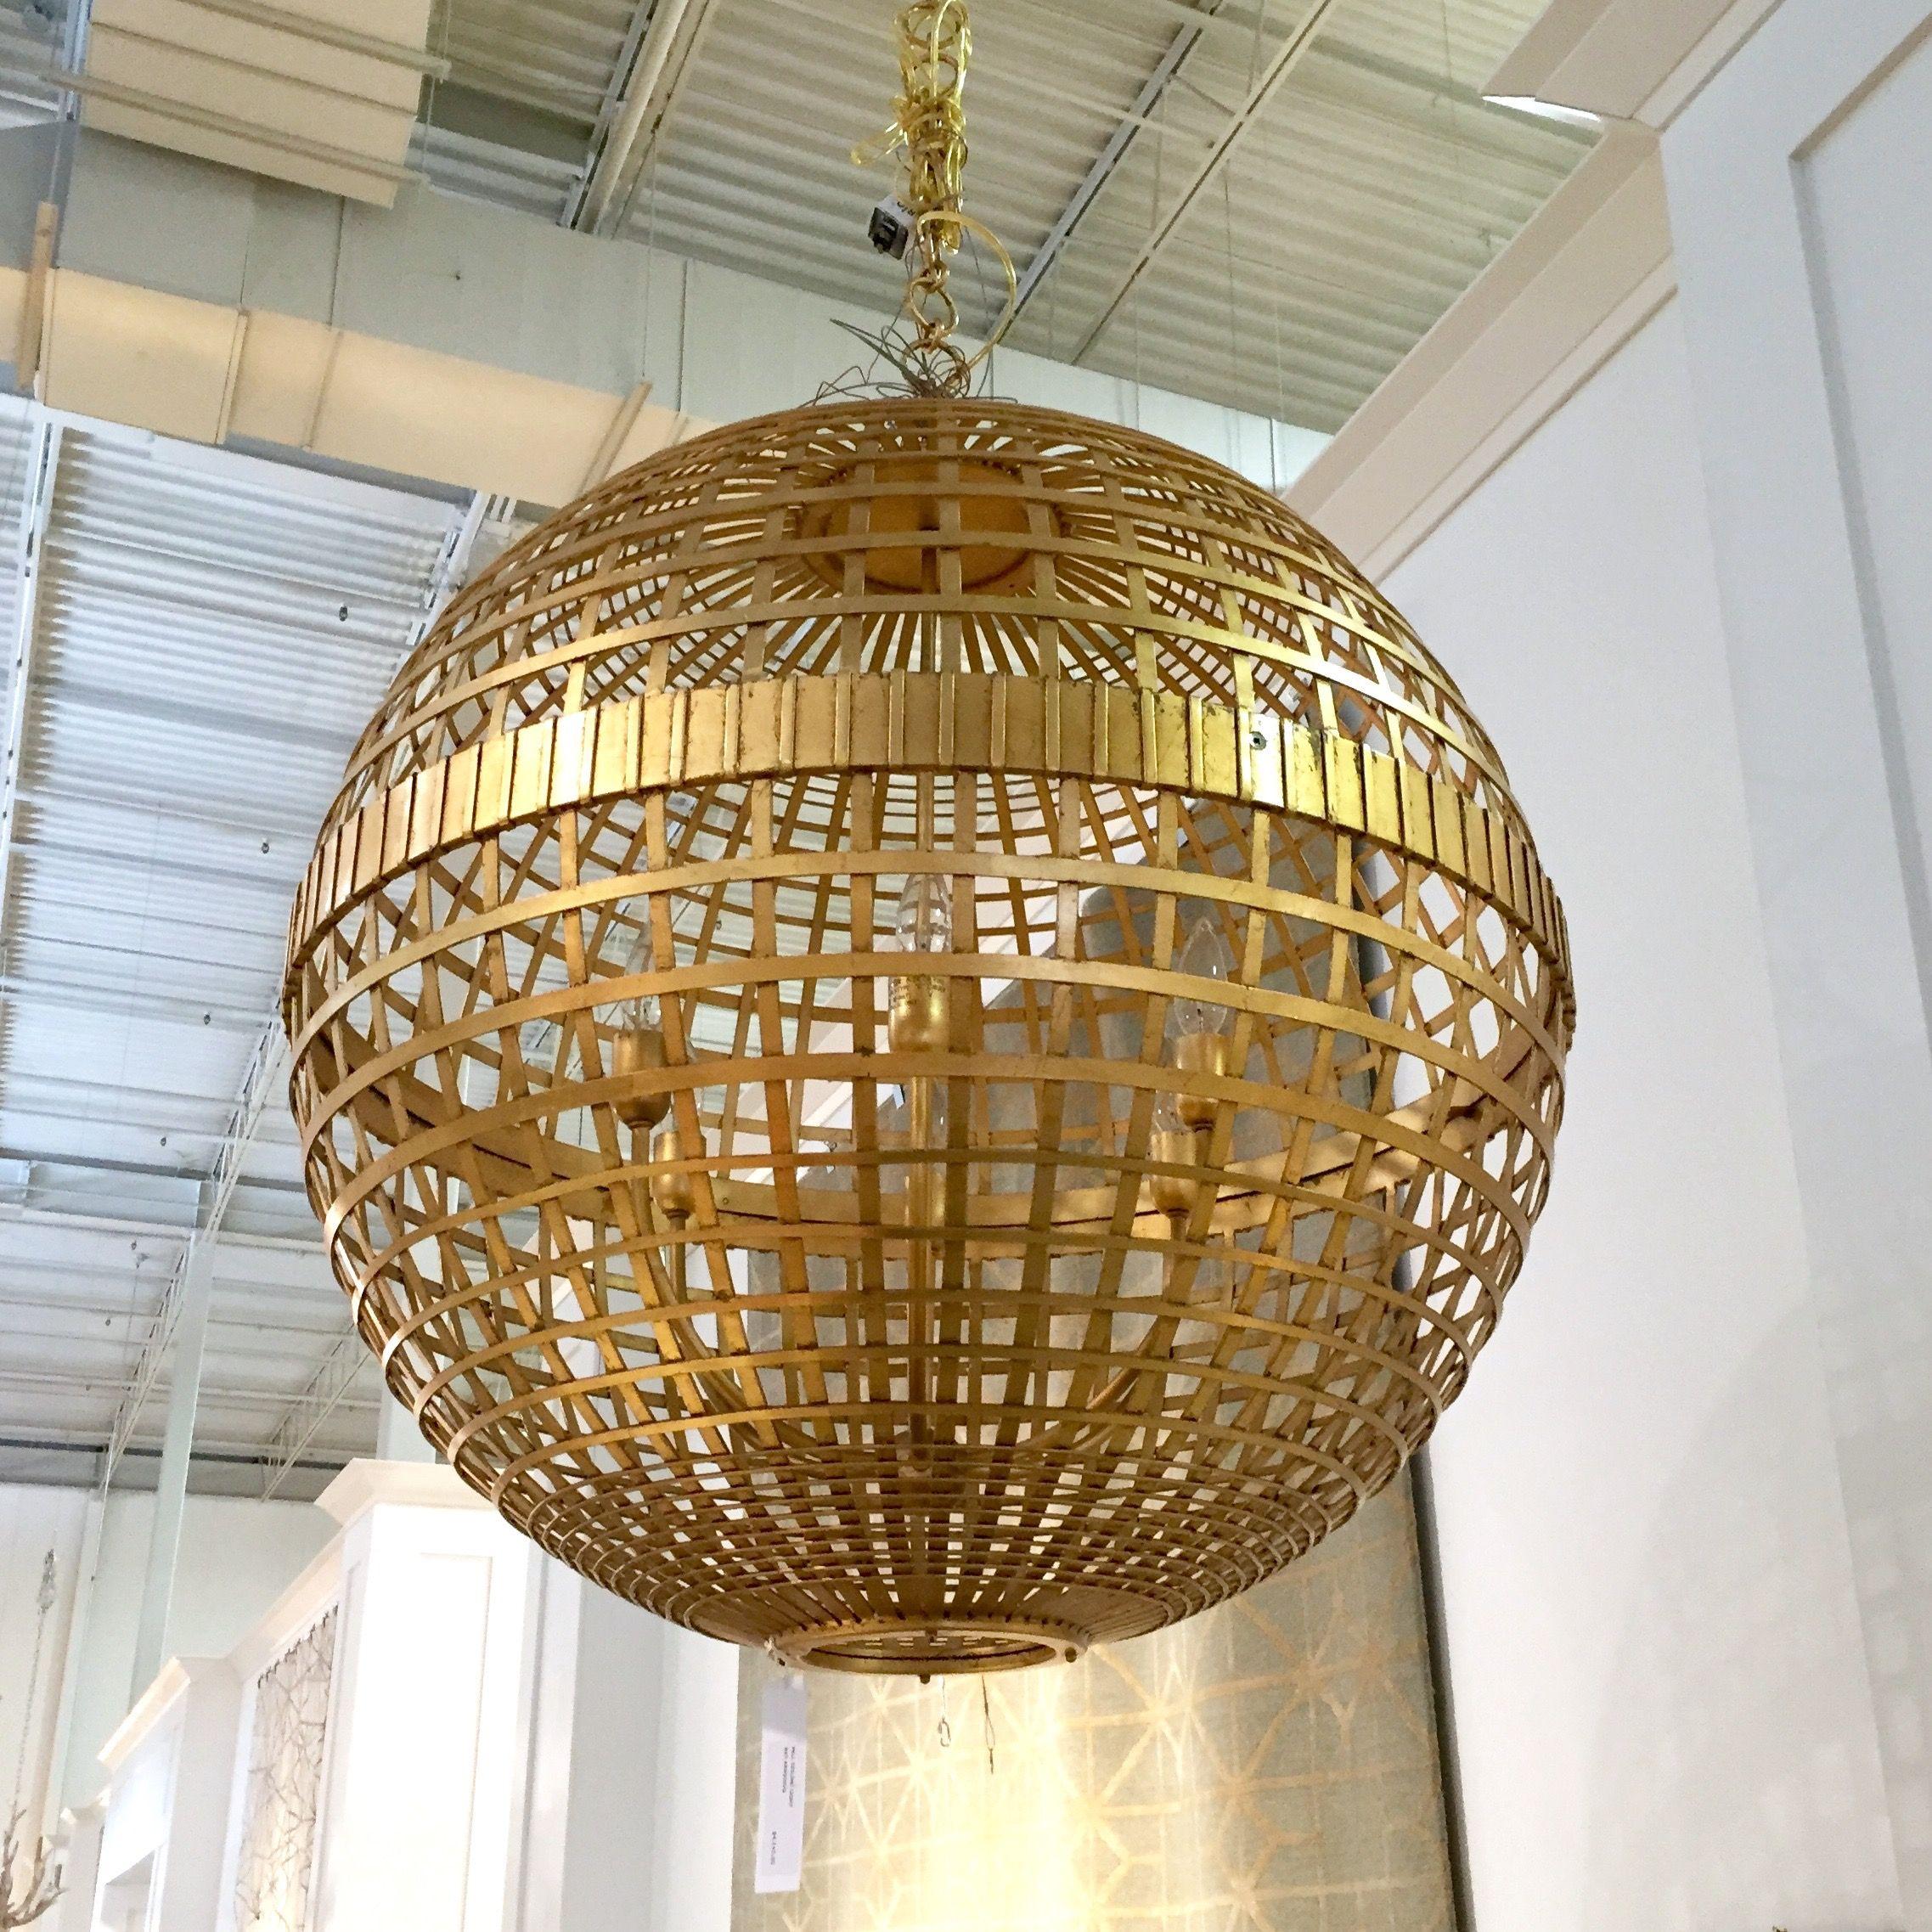 Aerin Lauder Pendant Light Lighting Chandelier Pendant Gold